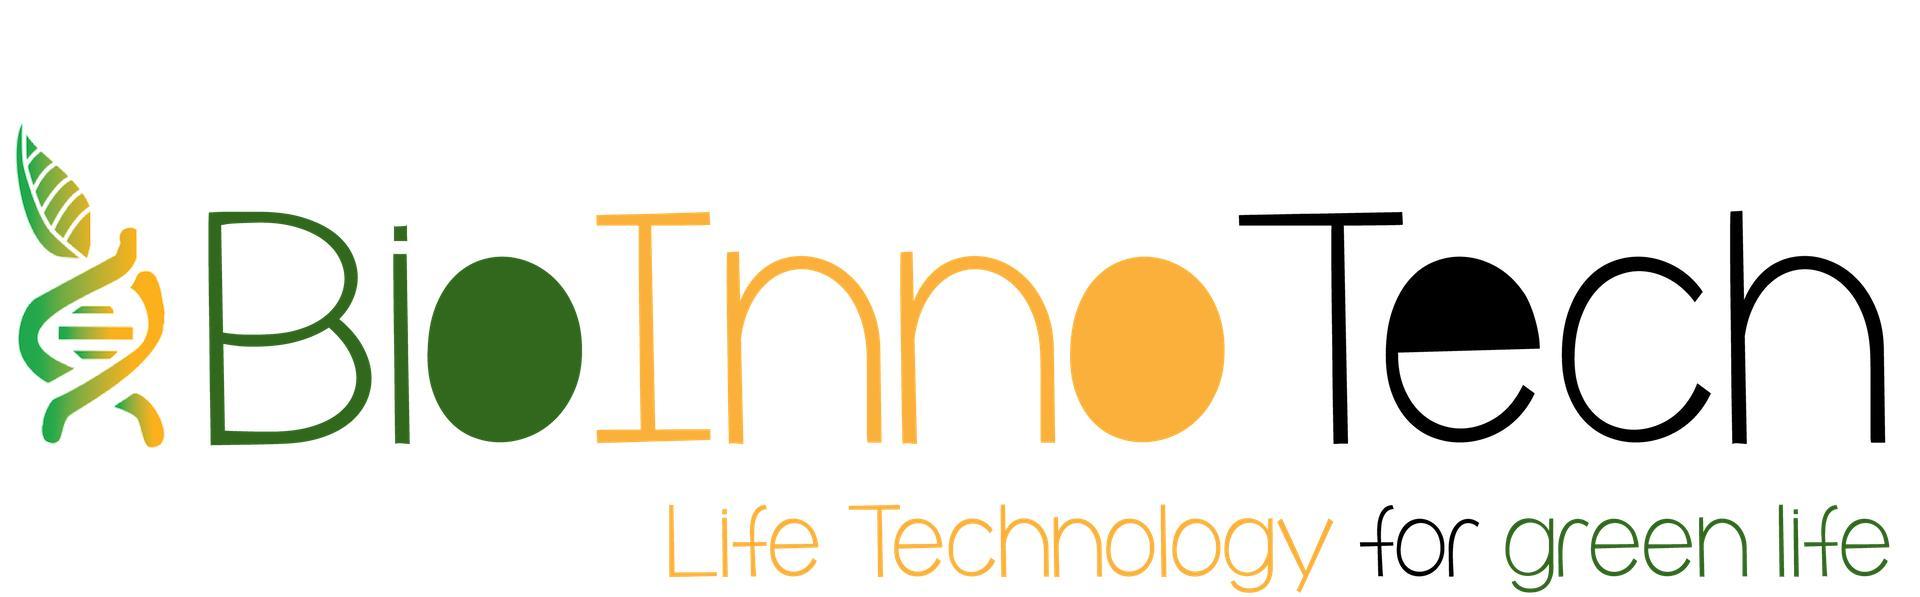 BioInnoTech